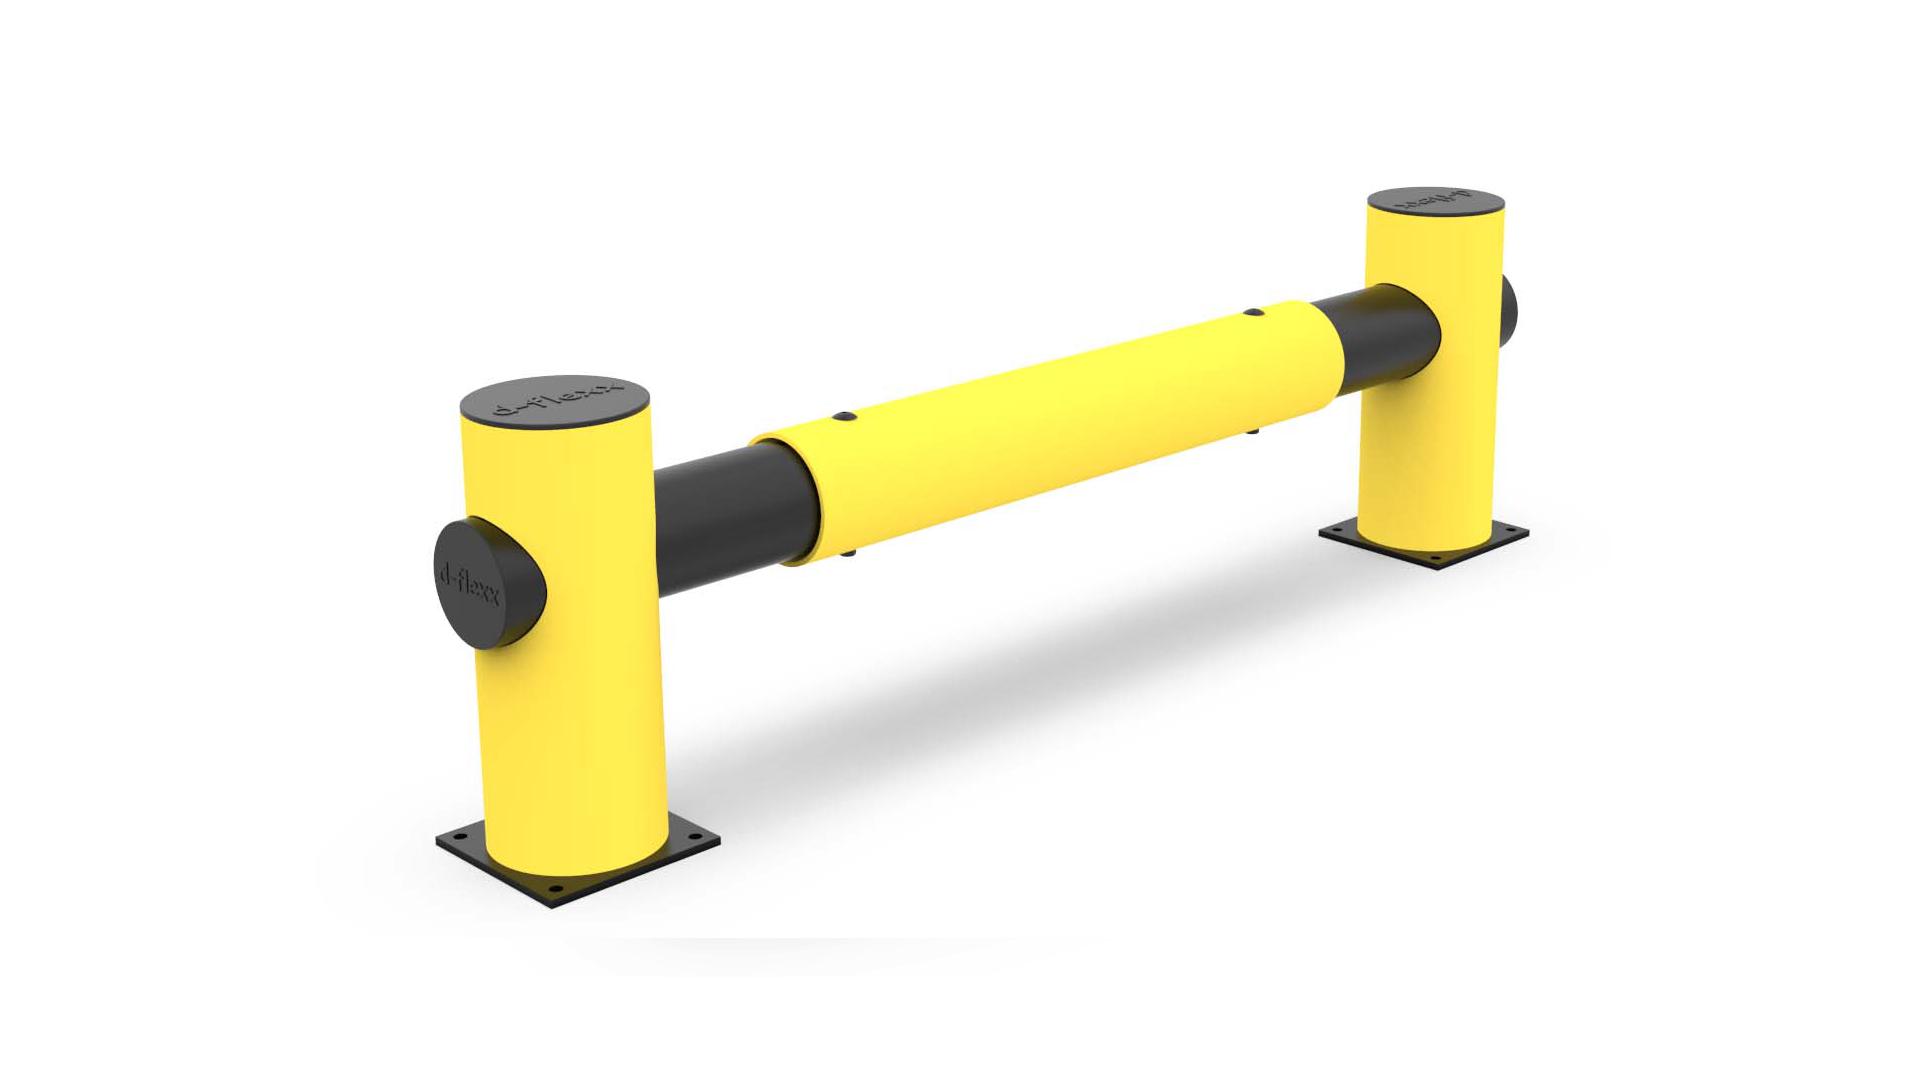 Barriere de protection flexible jaune noir